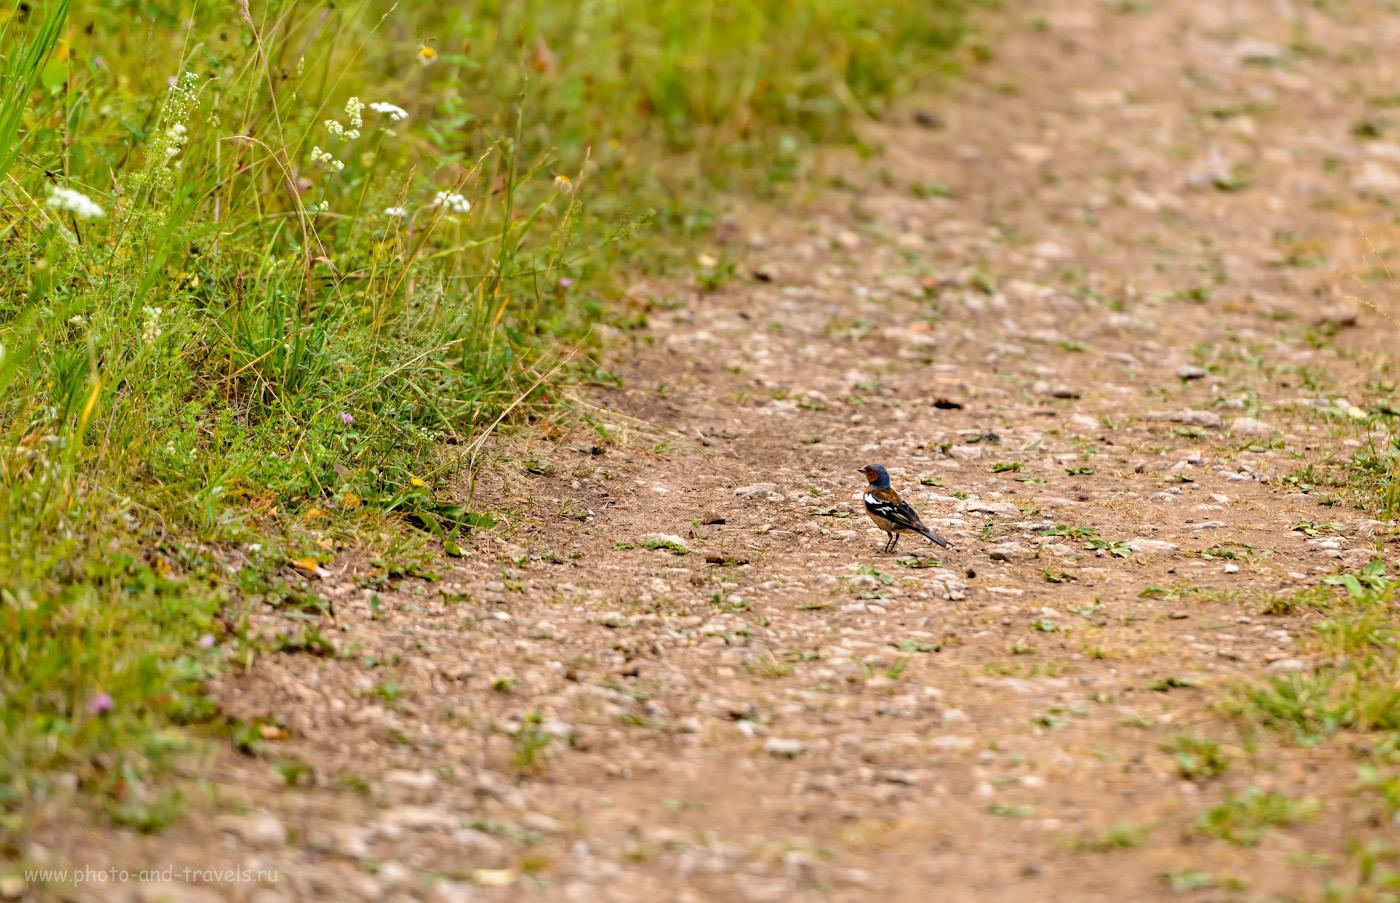 7. Фотоохота на птиц в парке «Оленьи ручьи». Одинокий зяблик. 1/400, 2.8, 320, 200.